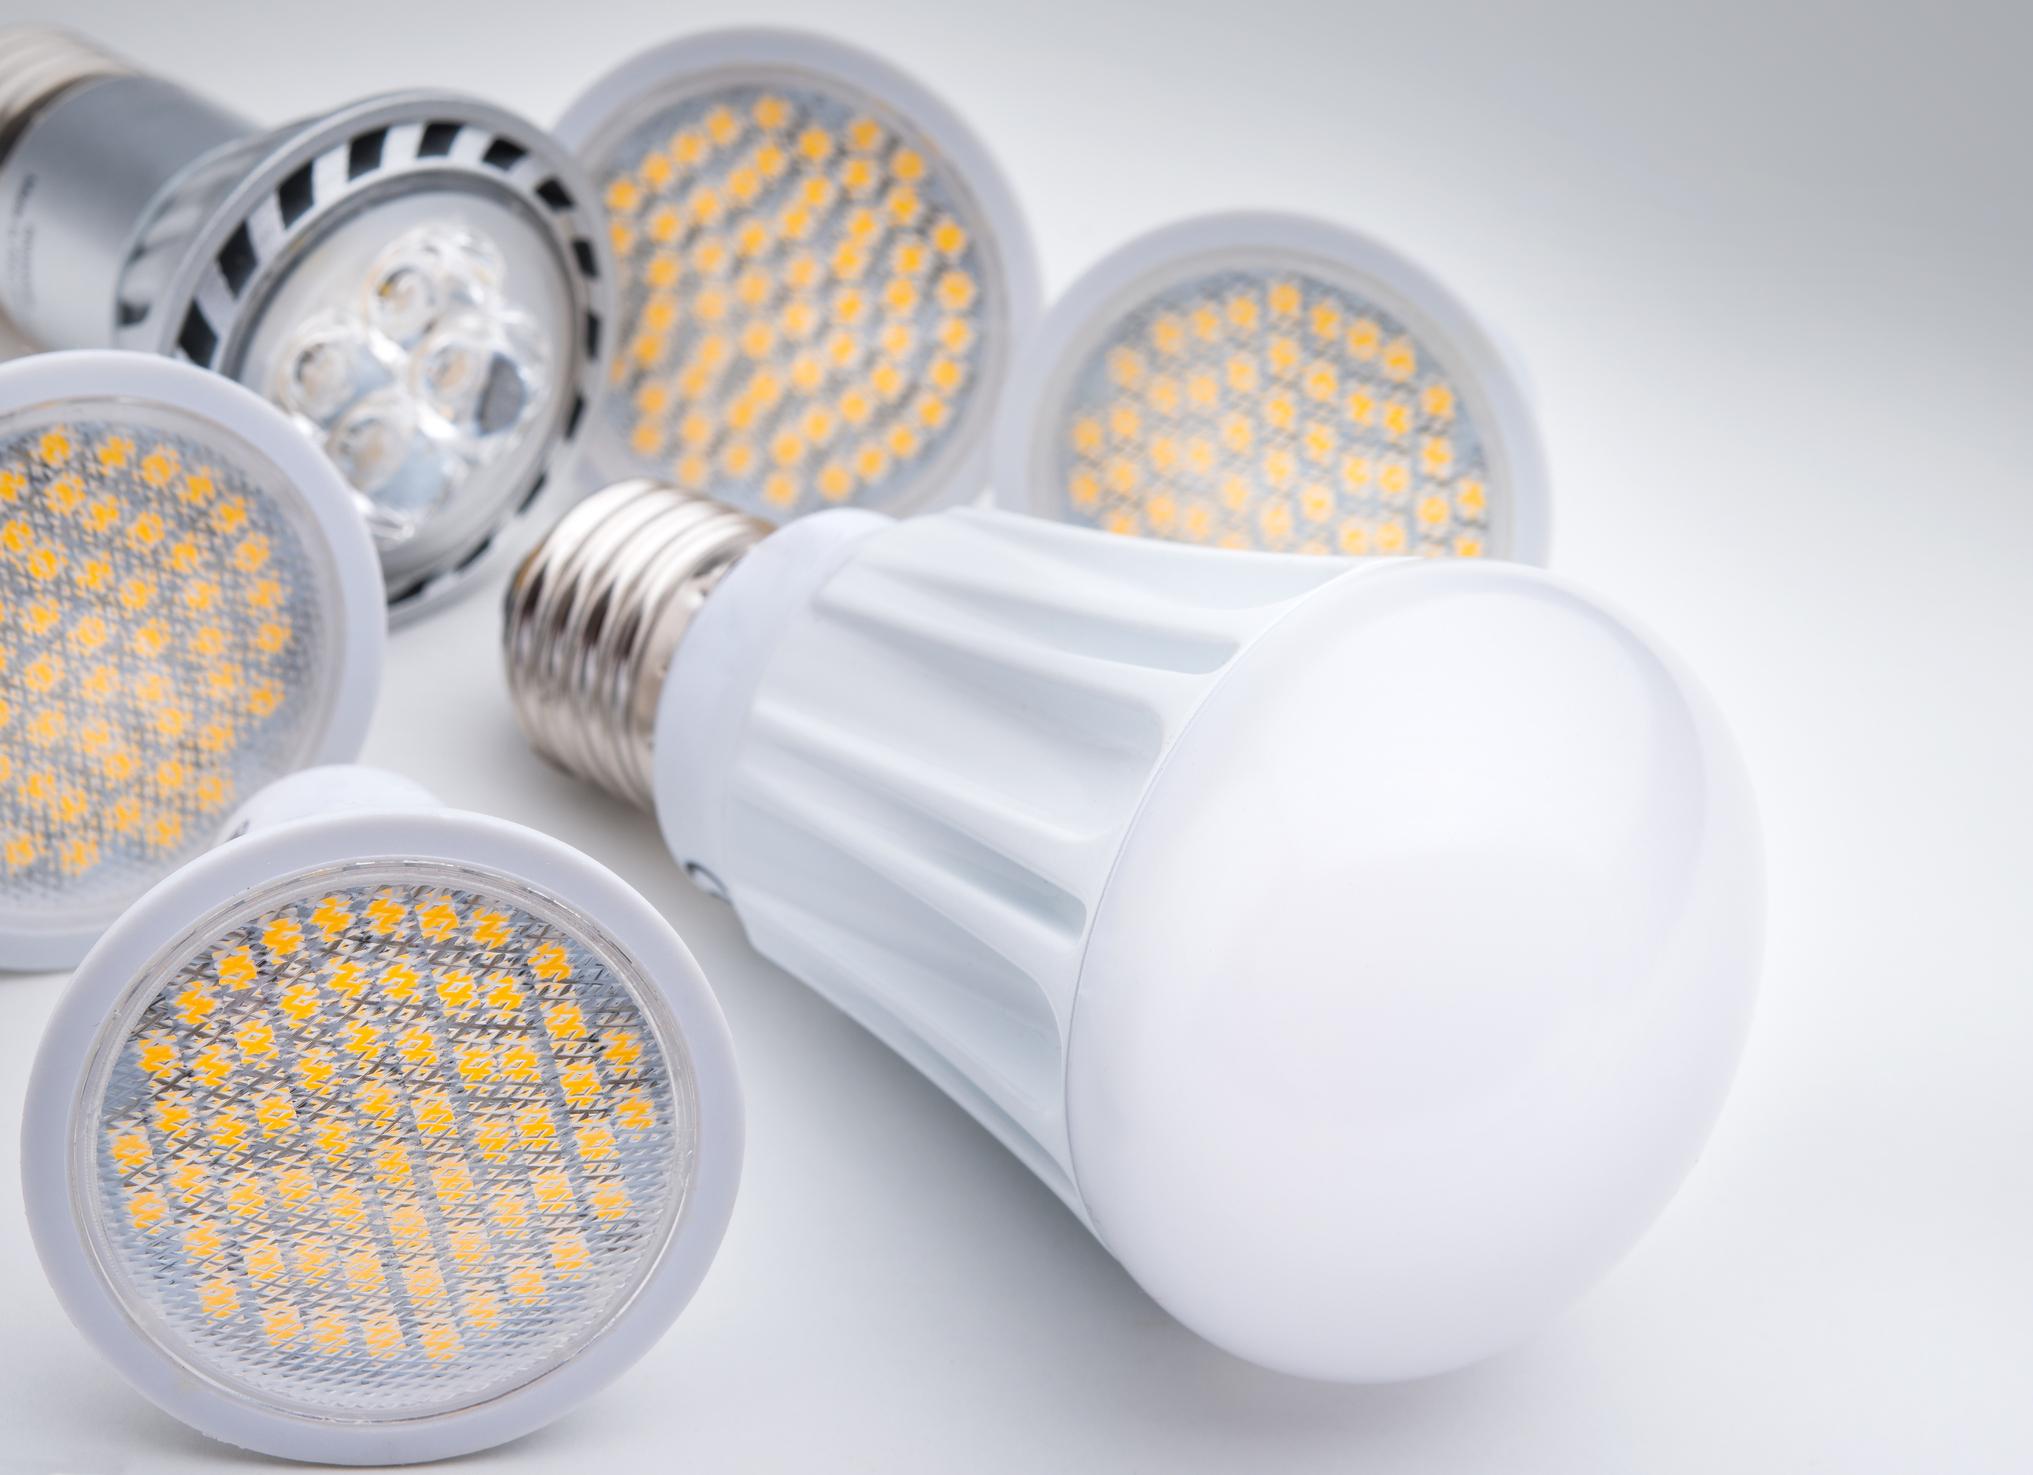 LED light bulbs.